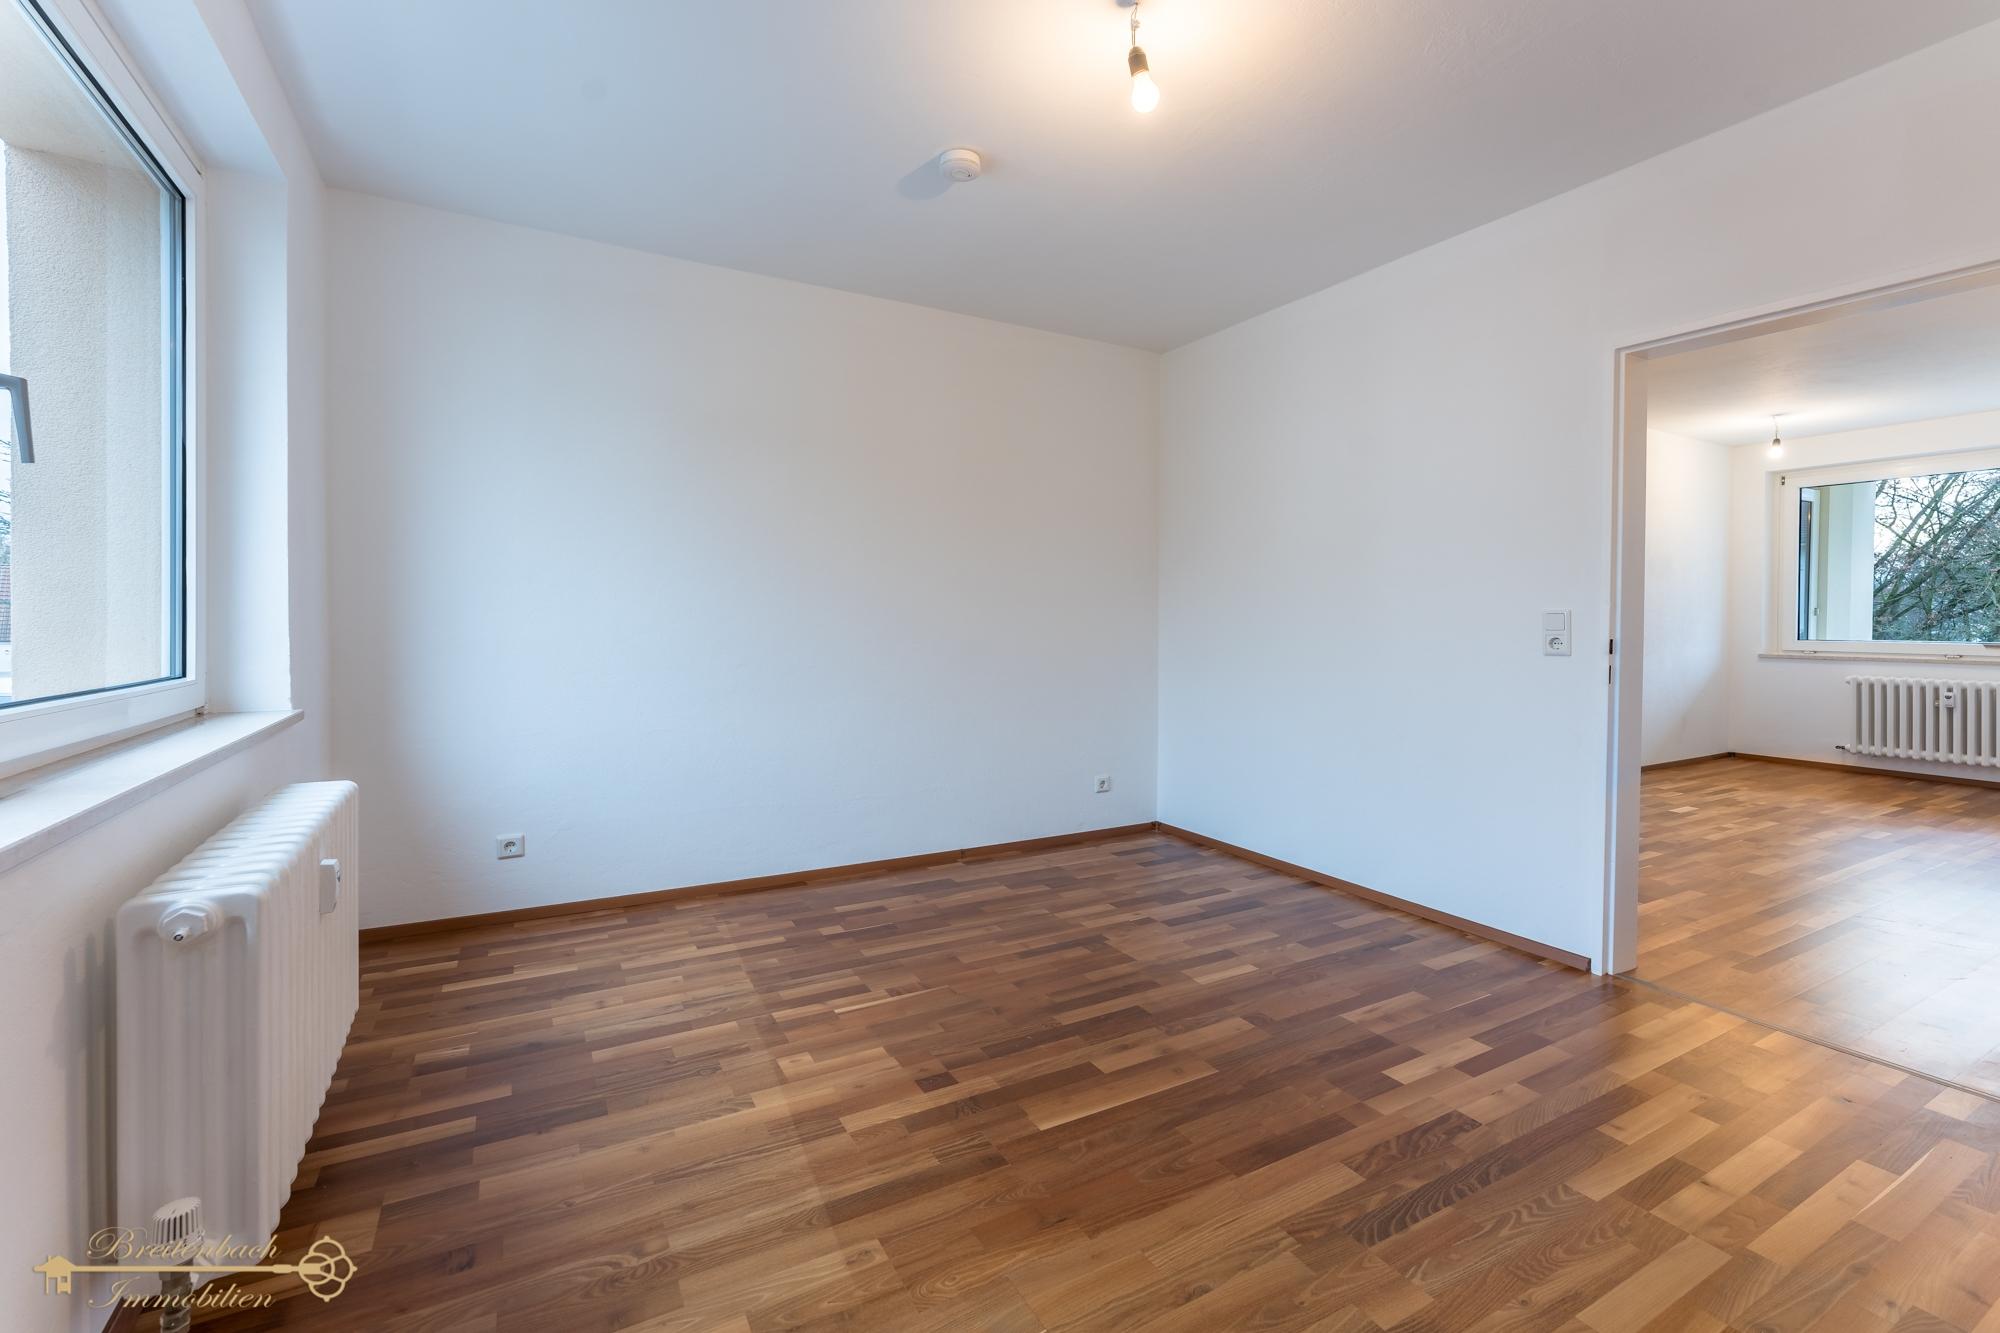 2021-01-09-Breitenbach-Immobilien-2